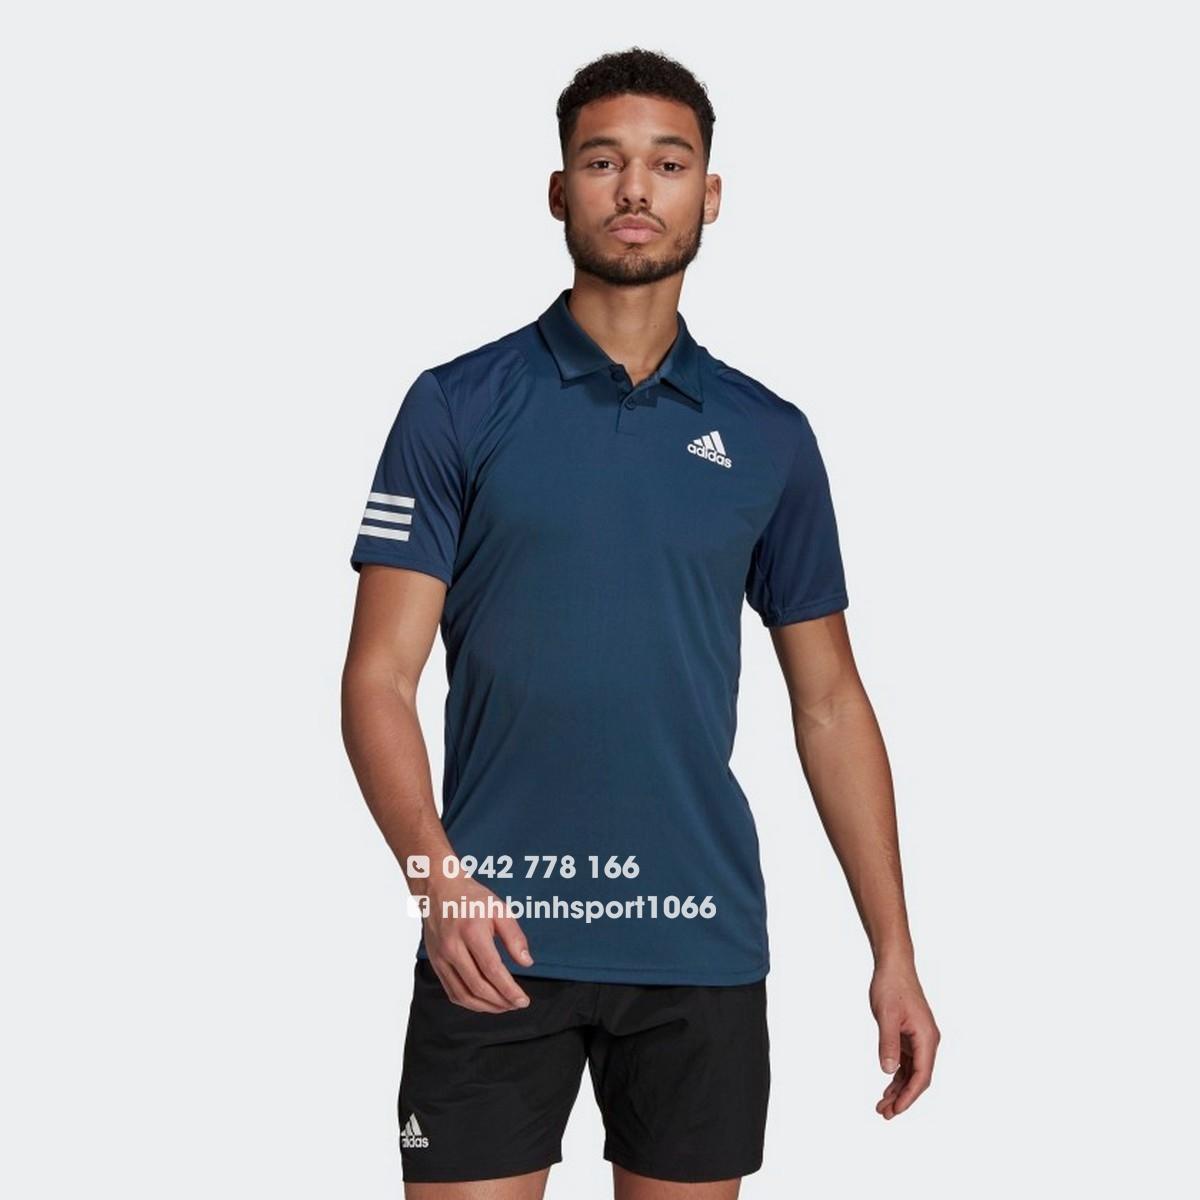 Áo thể thao nam Polo Adidas Tennis Club GL5458